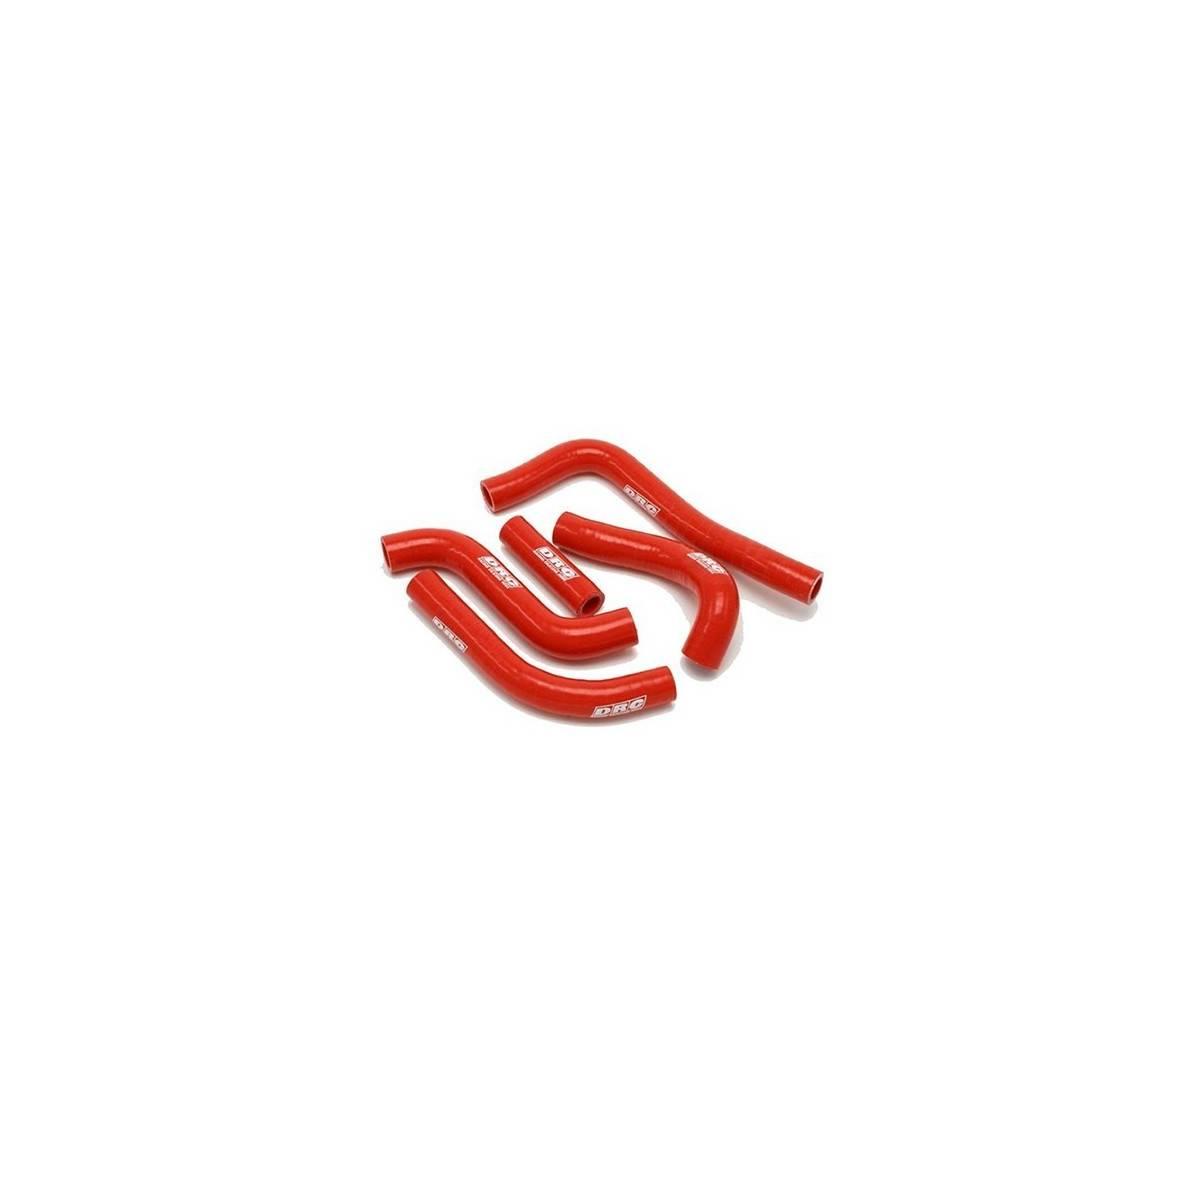 D47.01.463 - Kit Manguitos Radiador Suzuki Rmz250´11-12 Rojo